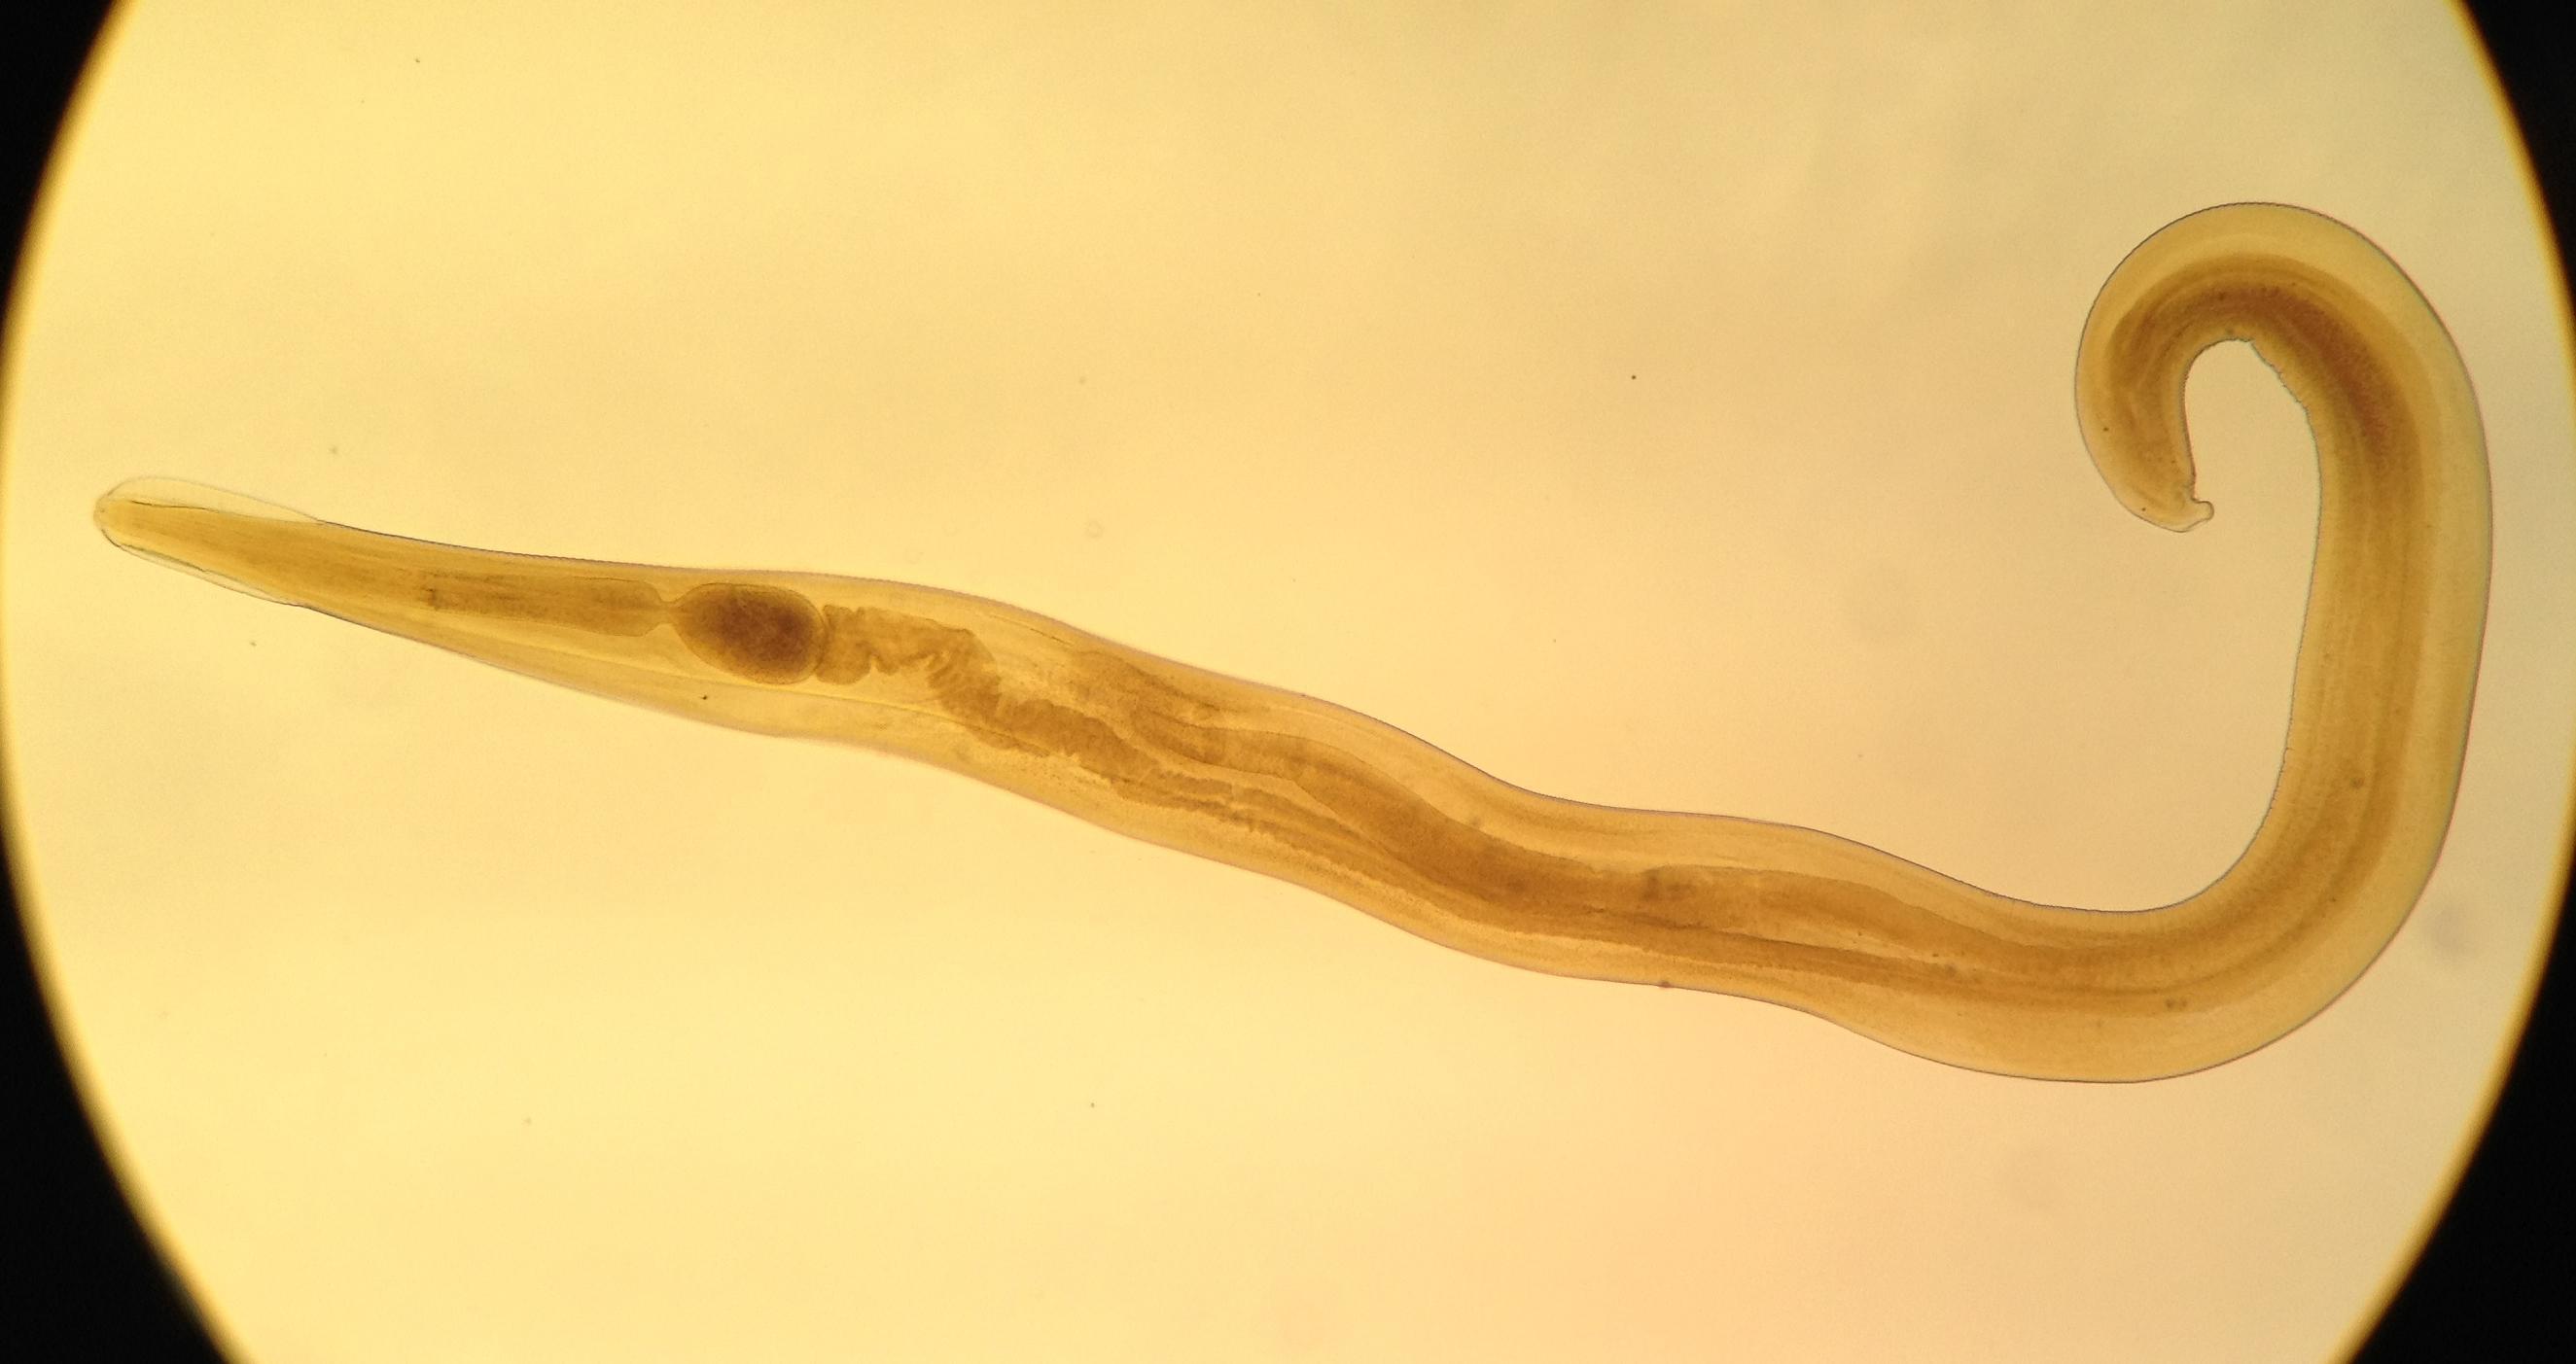 действенное средство от паразитов в организме человека